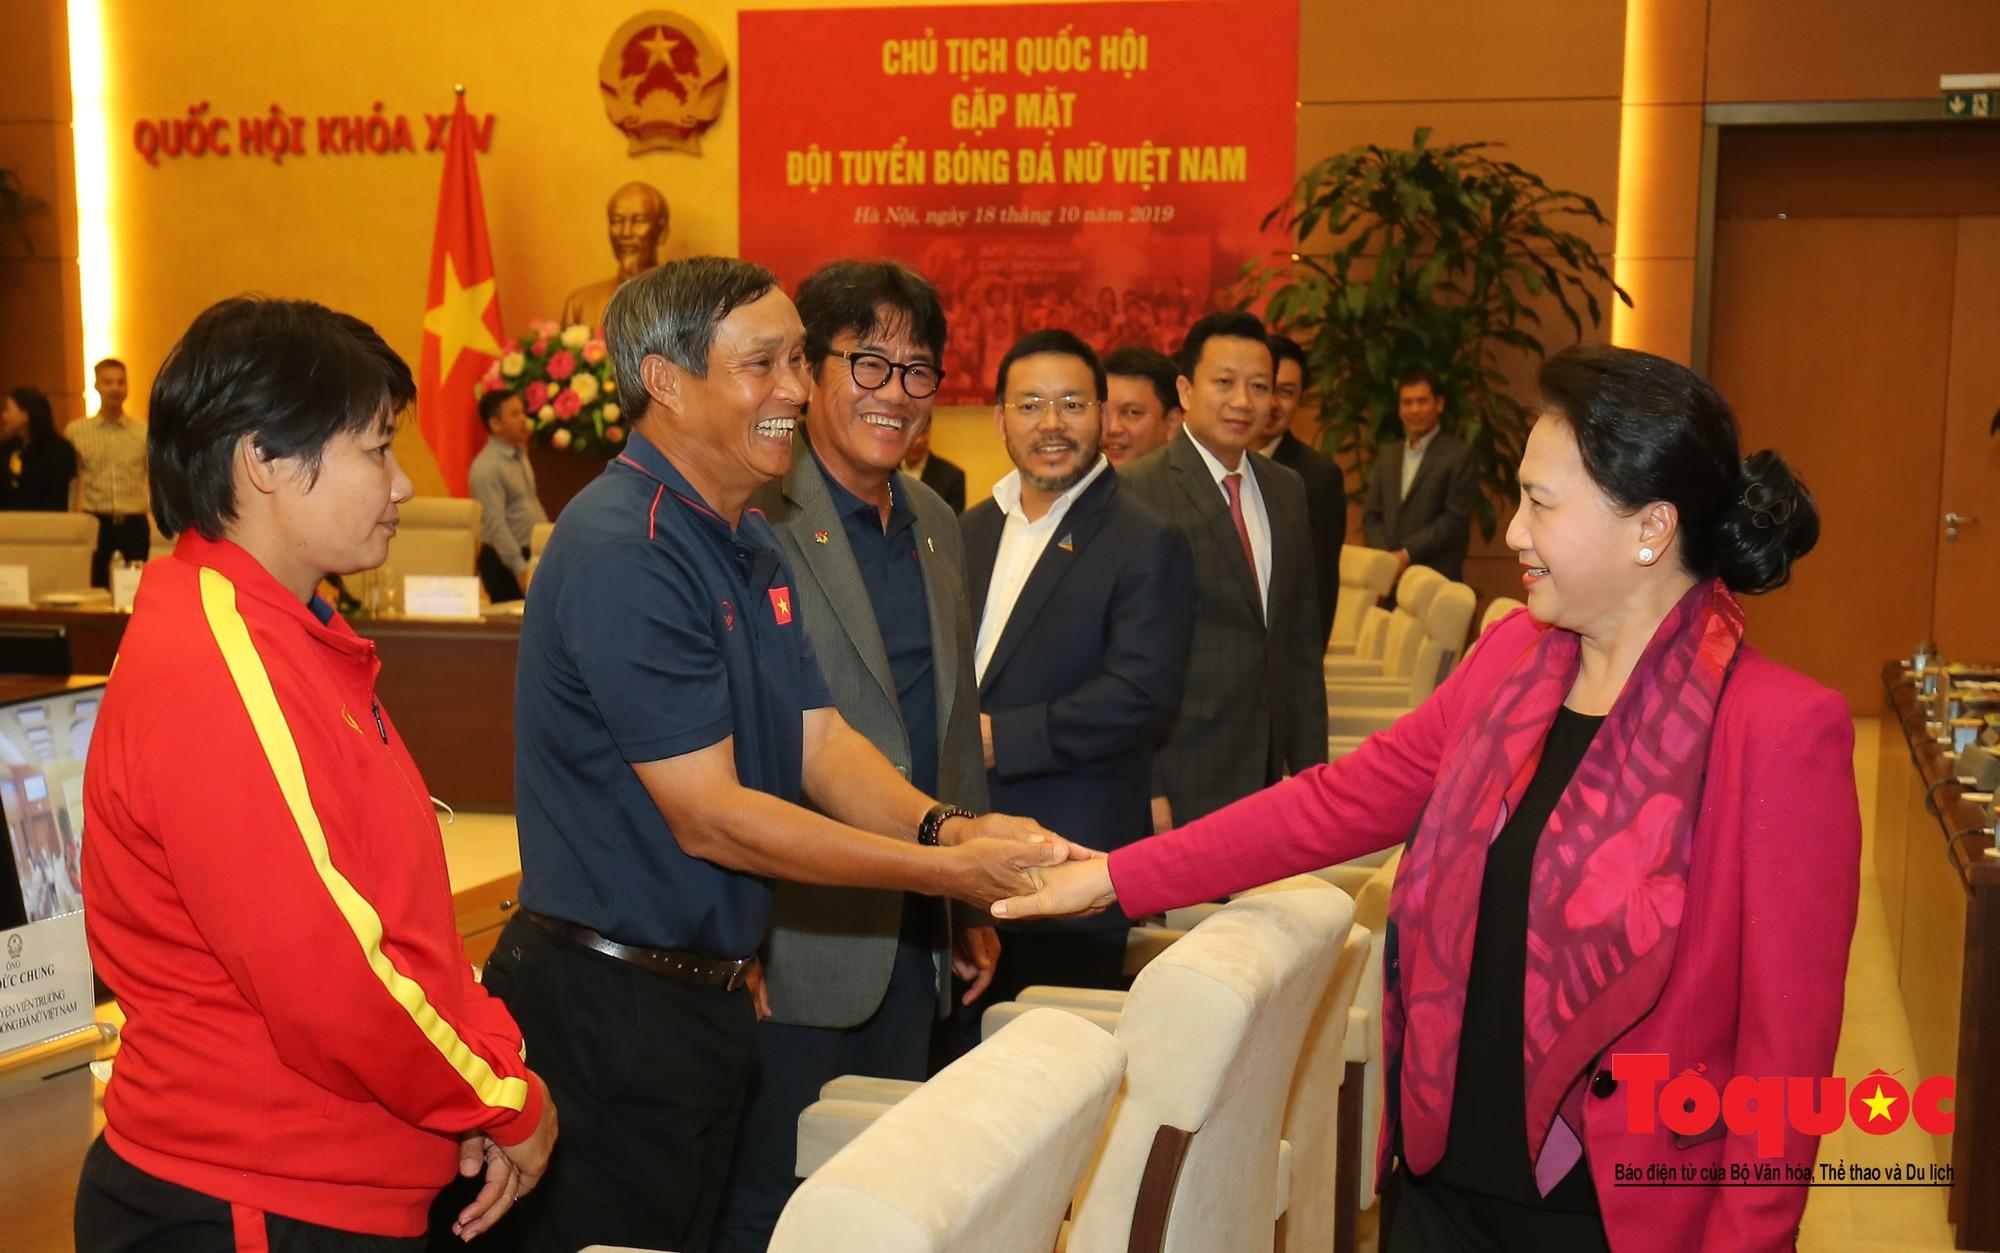 Chủ tịch Quốc hội Nguyễn Thị Kim Ngân: Bóng đá nam nhìn thành tích bóng đá nữ còn phải mơ ước dài1